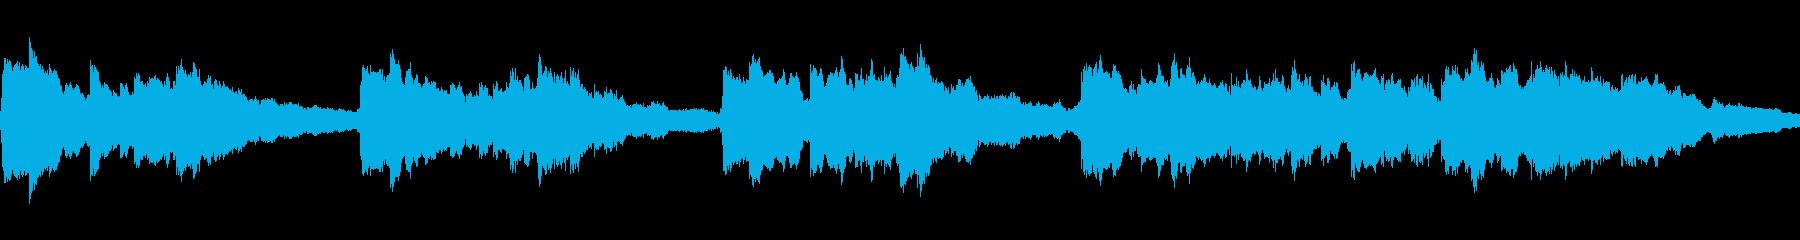 もの寂しい雰囲気のエレピソロ曲(ループ)の再生済みの波形